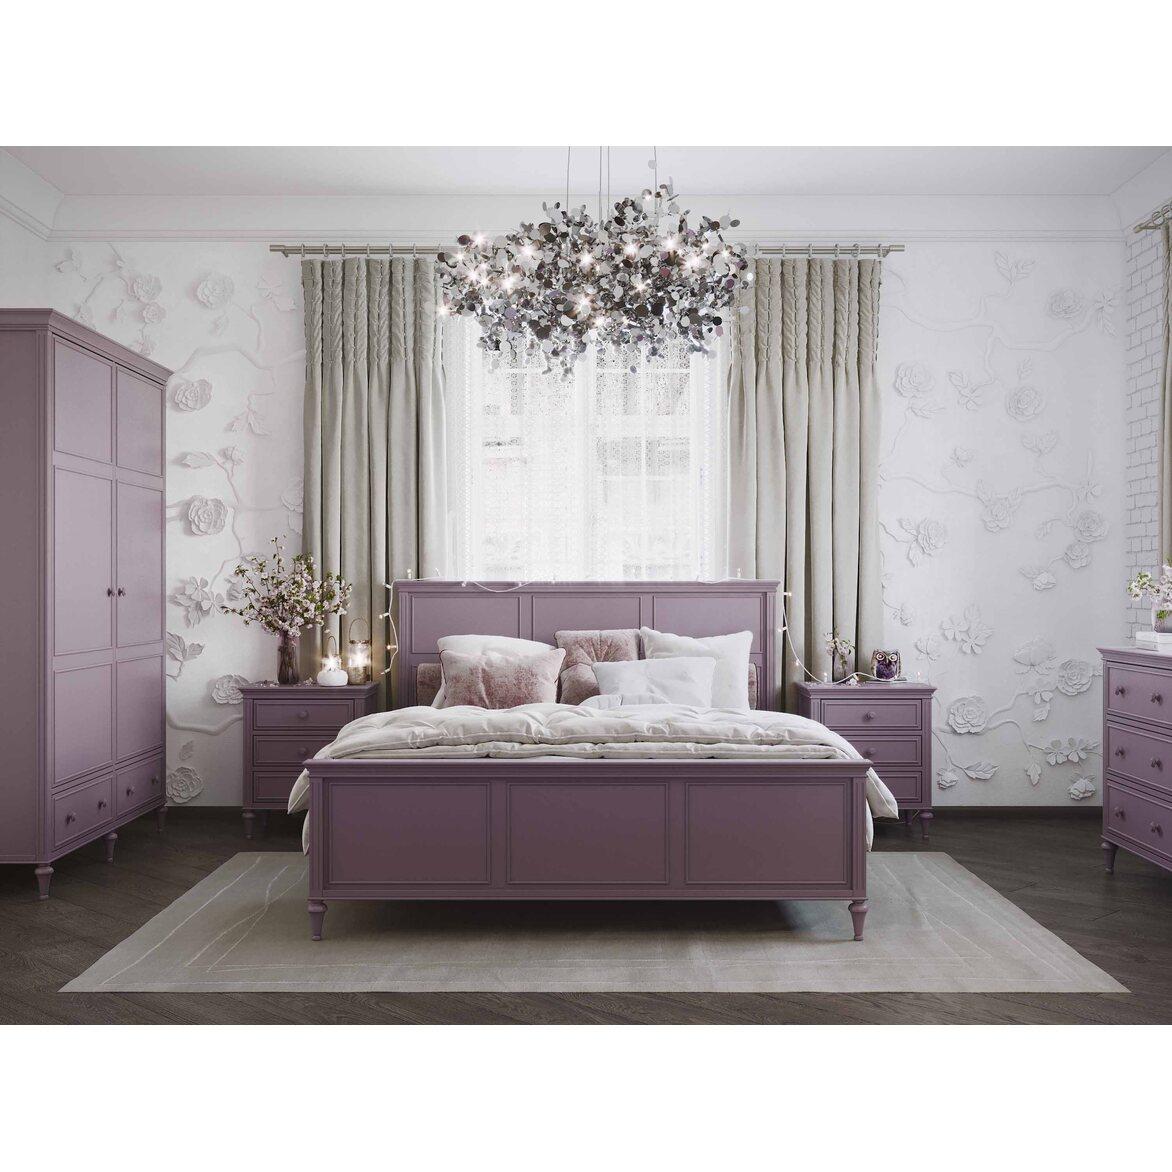 Кровать 160*200 Riverdi, орхидея 3 | Двуспальные кровати Kingsby